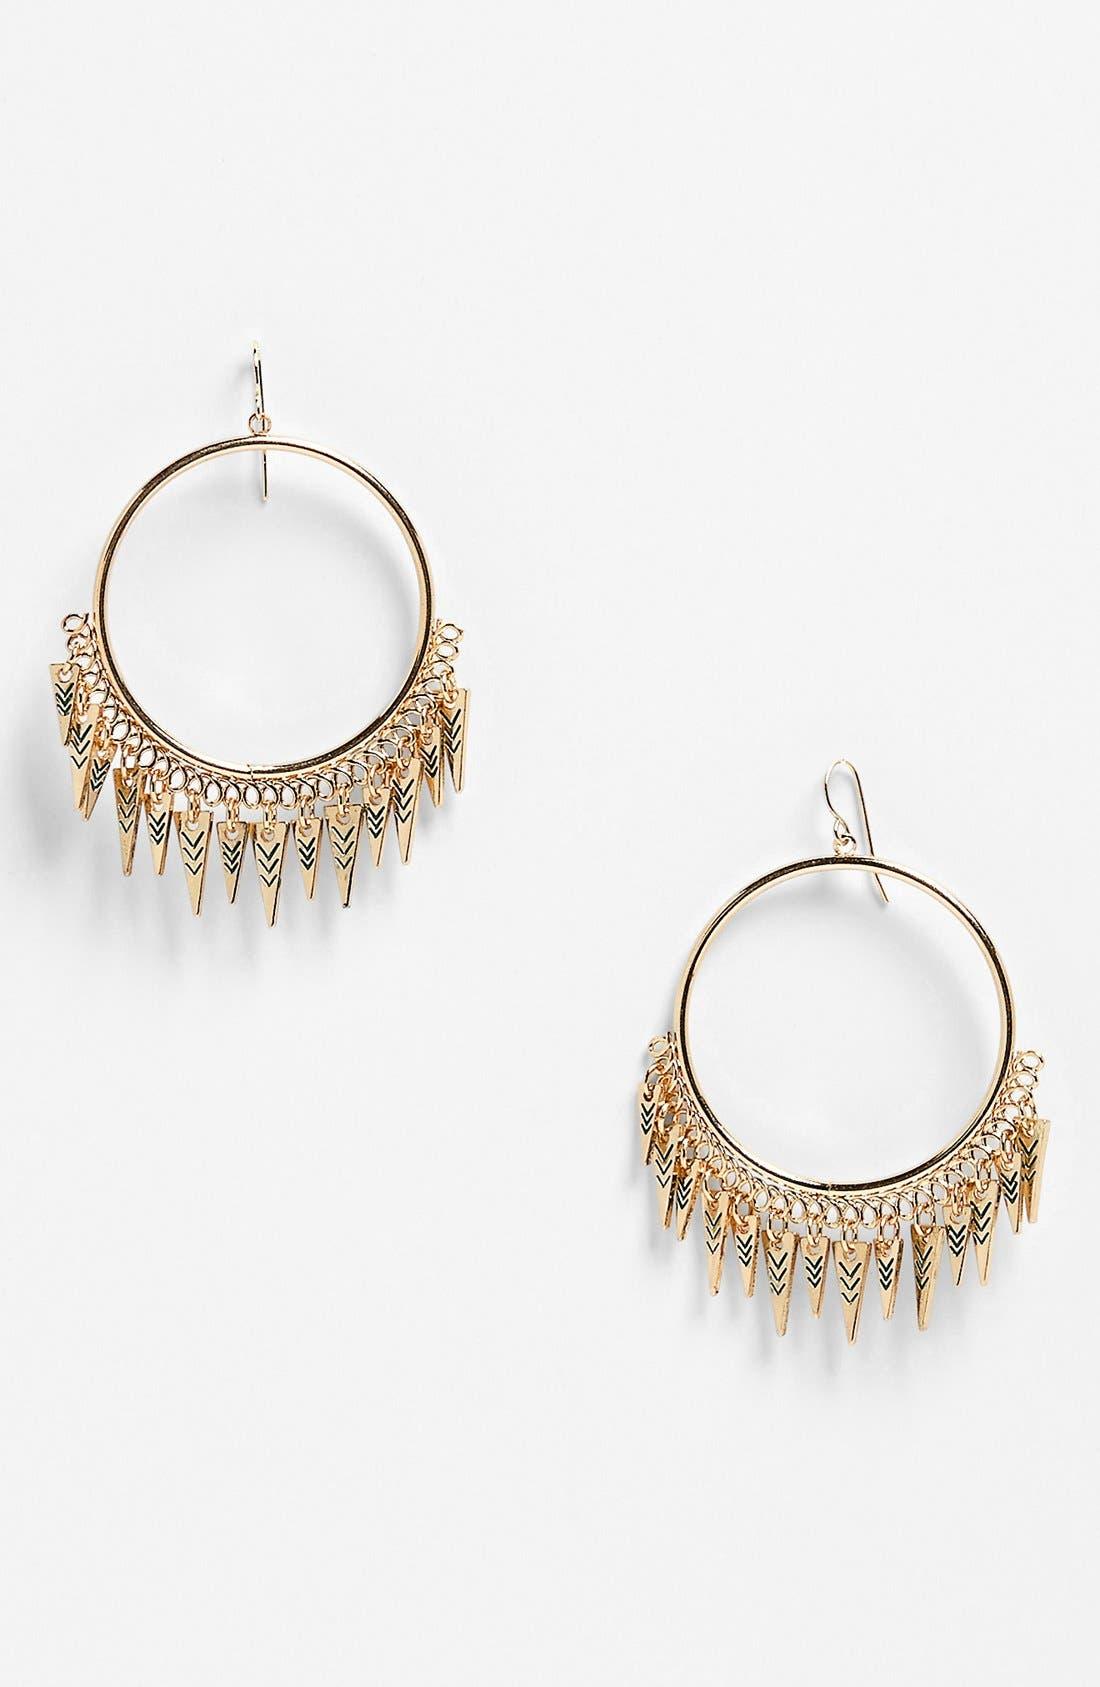 Main Image - Devan 'Free Spirit' Hoop Earrings